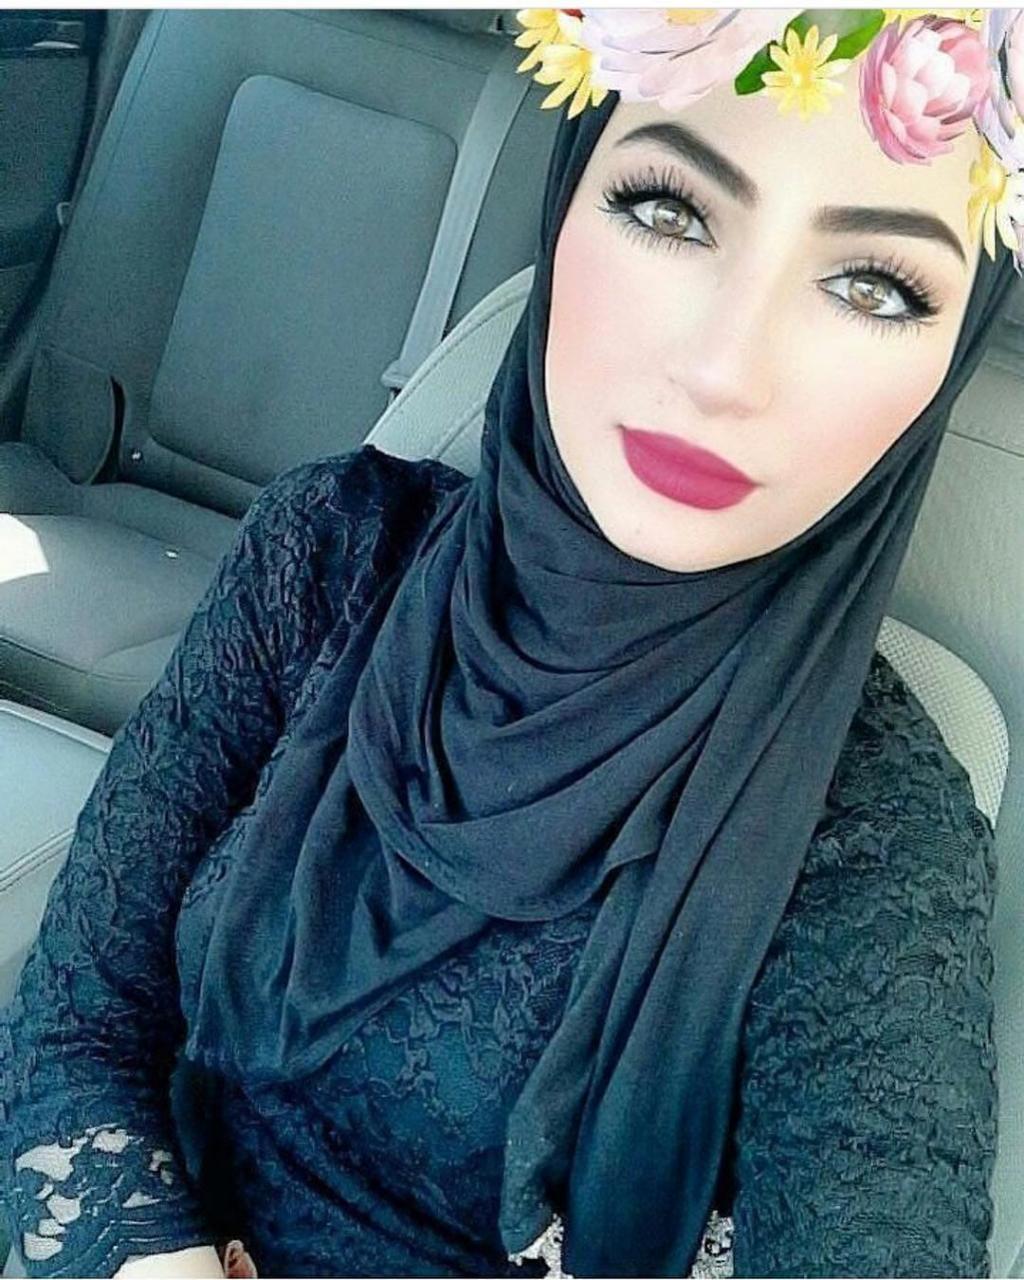 صورة صورجميلة بنات محجبات , فتيات حلوات بالحجاب 845 3